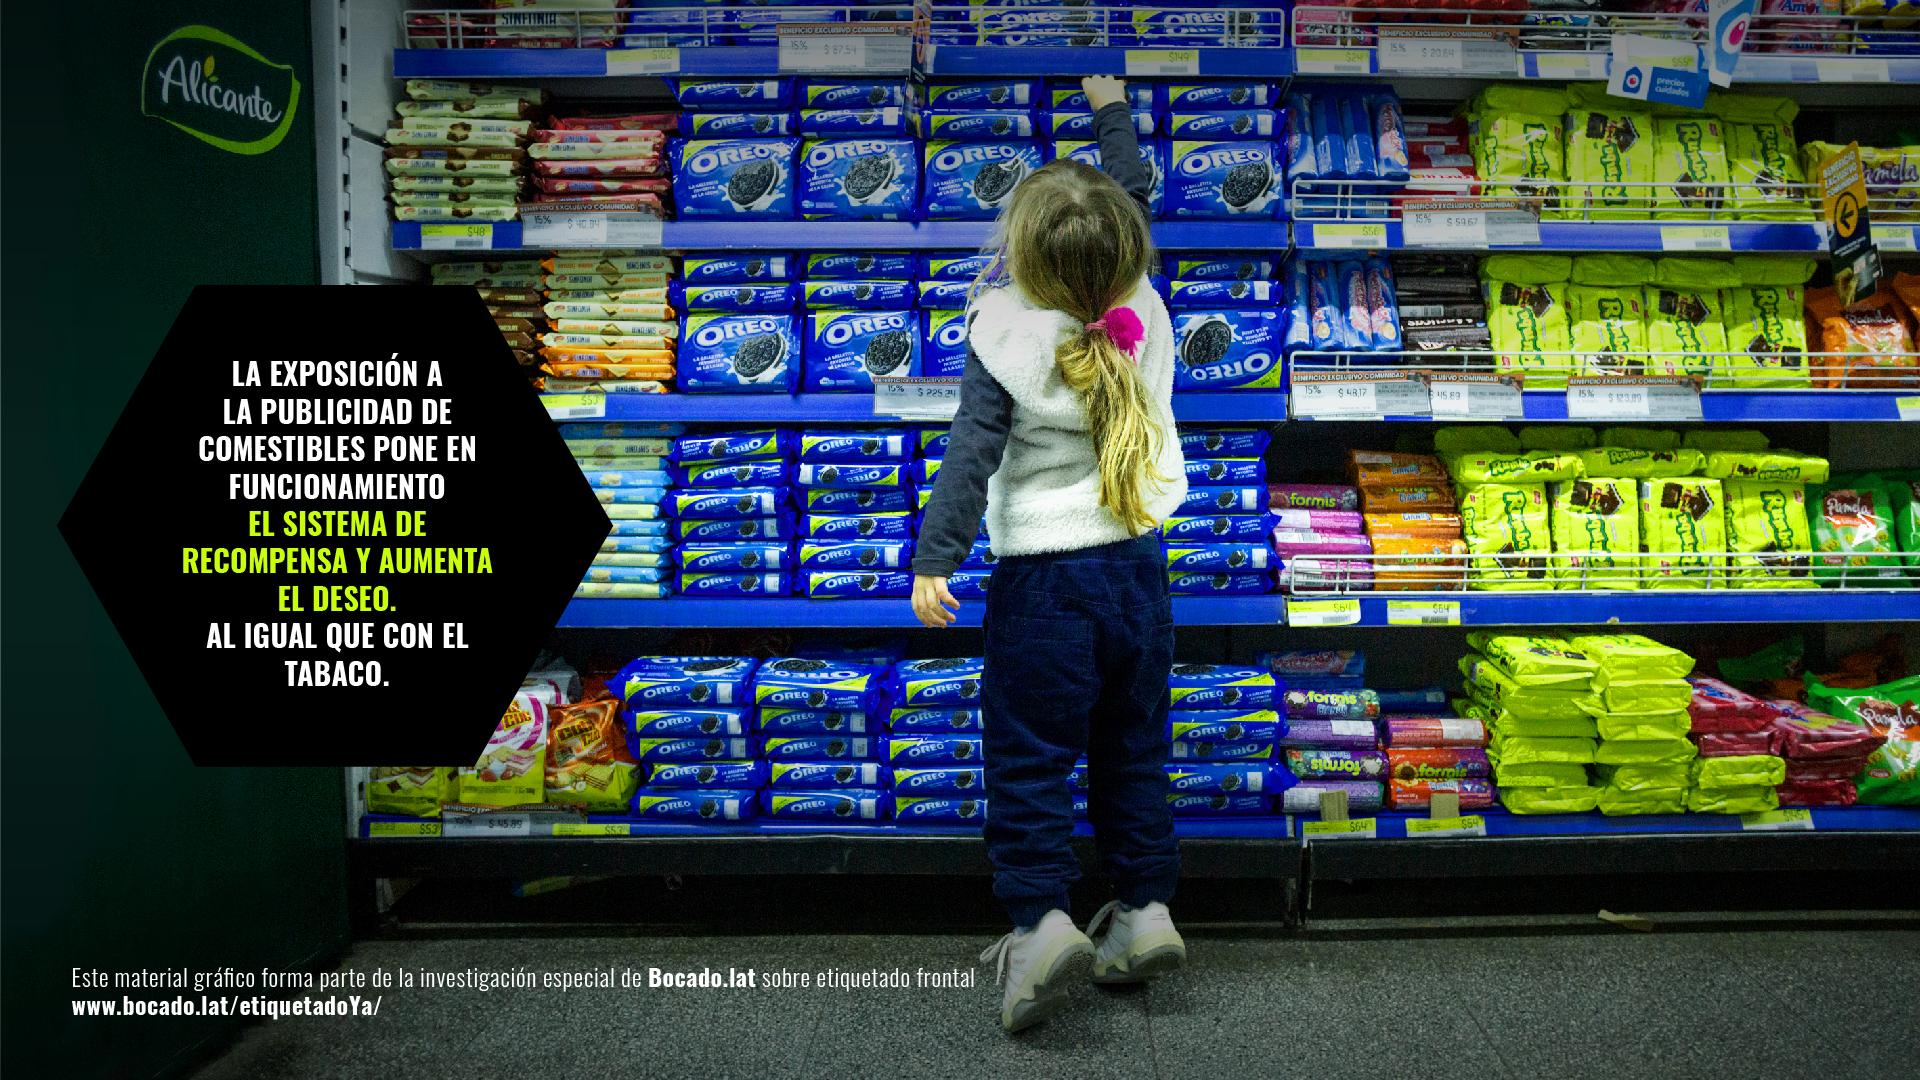 Trampas_supermercado_2_Bocado